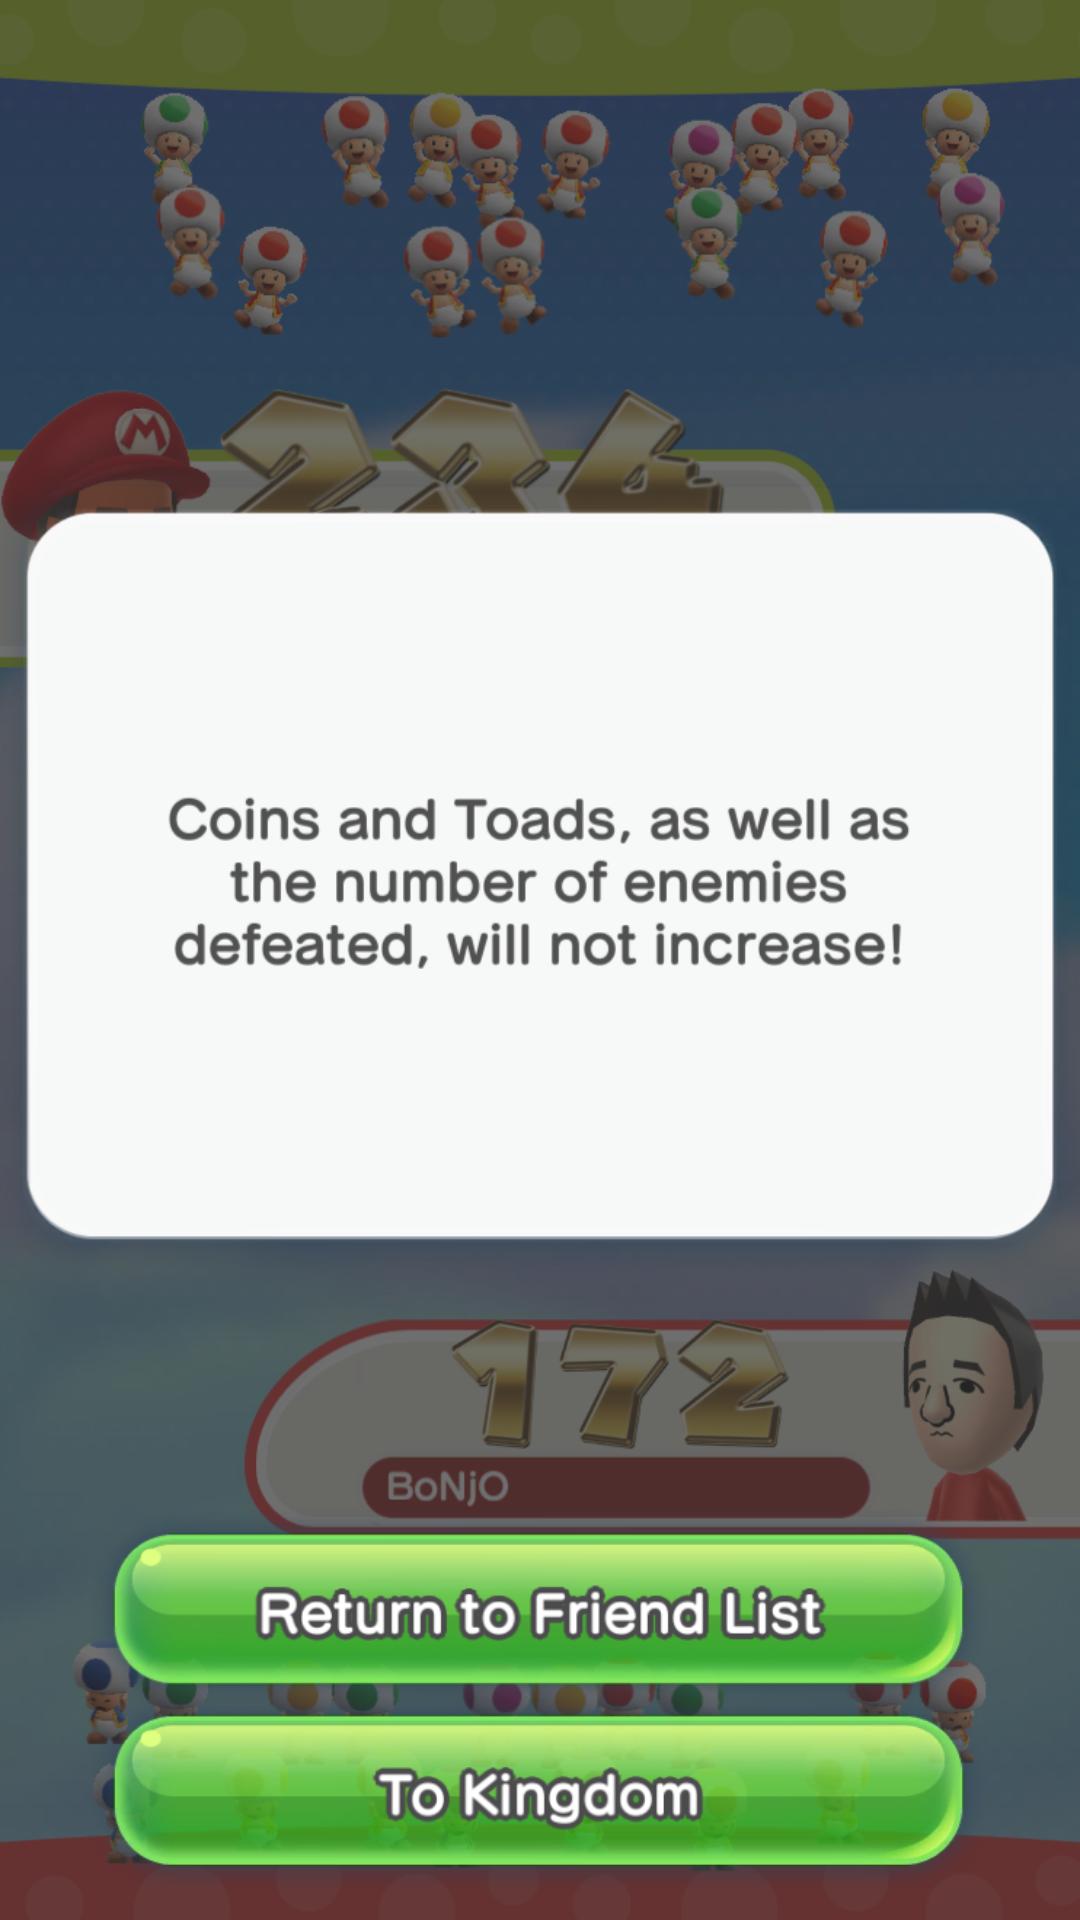 Friendly Run Results in Super Mario Run